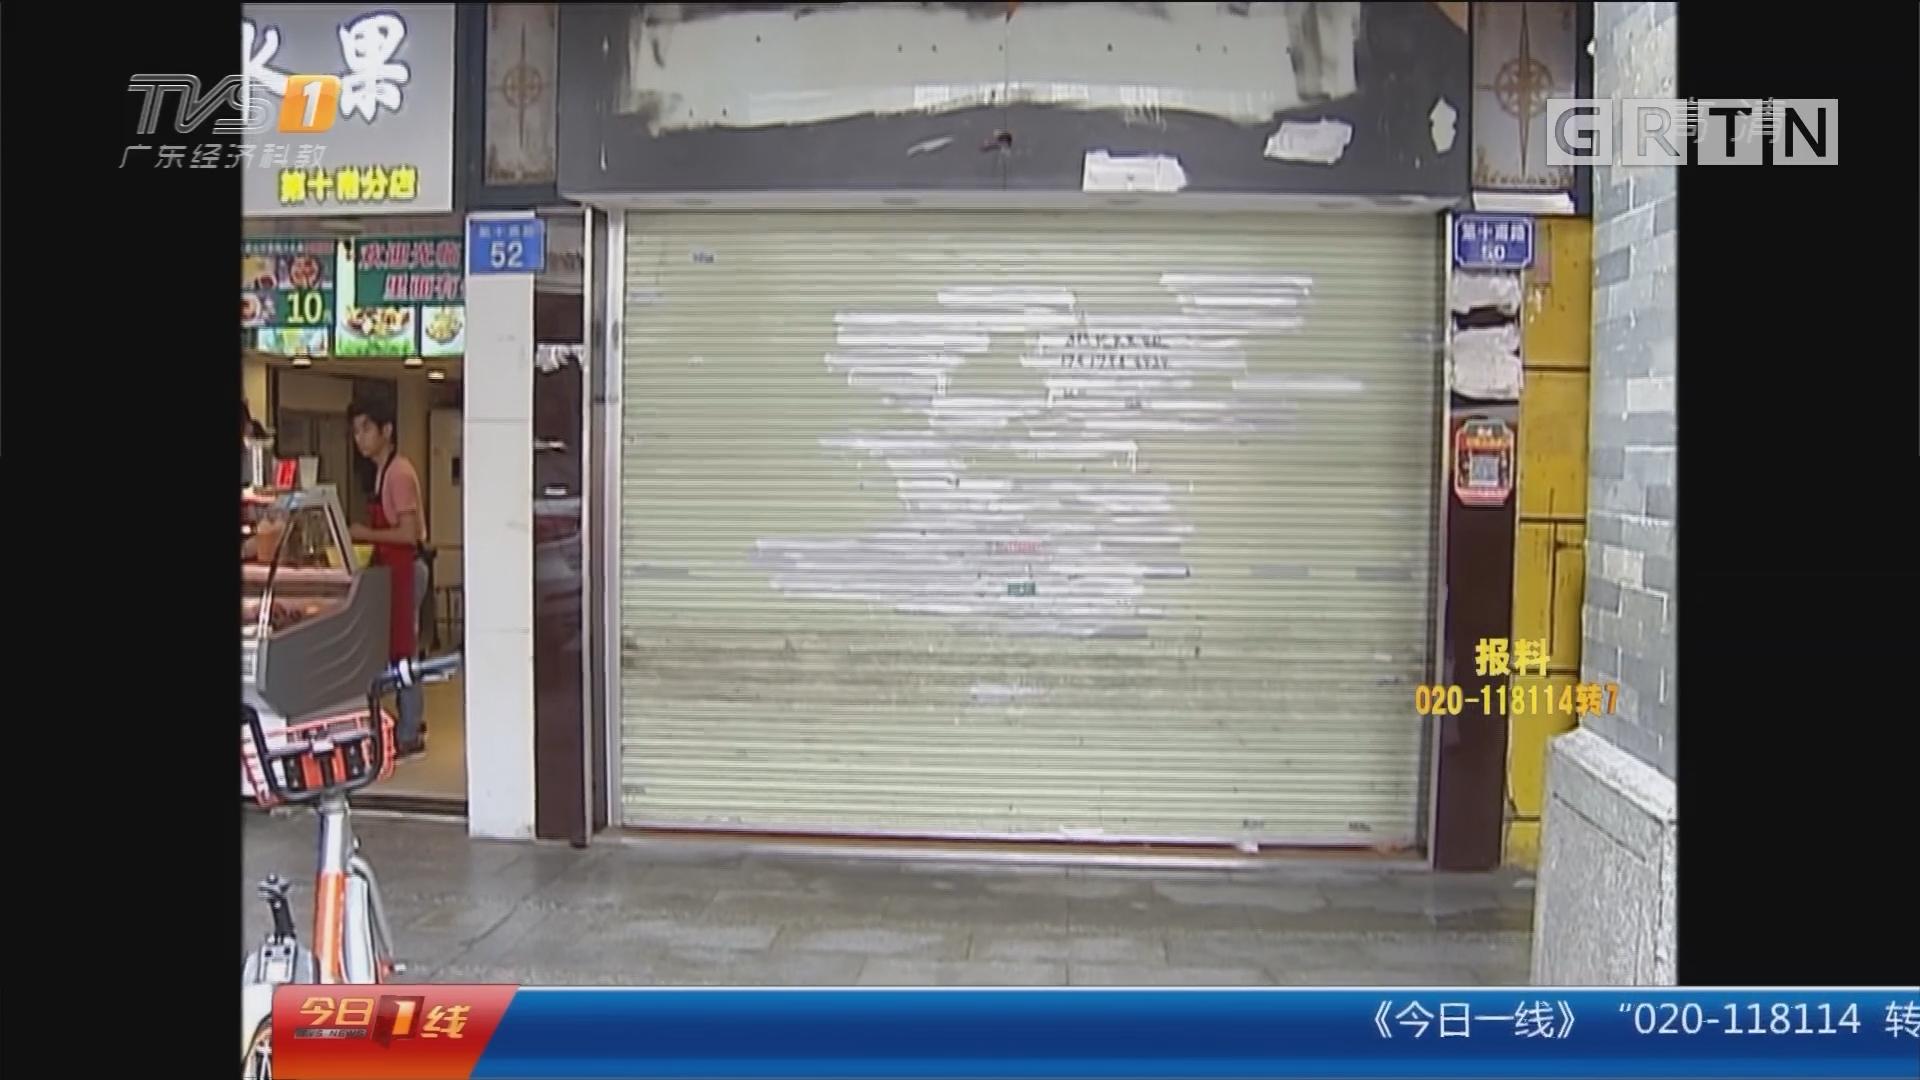 广州上下九消费怪象回访:曝光后商家稍有收敛 问题仍在